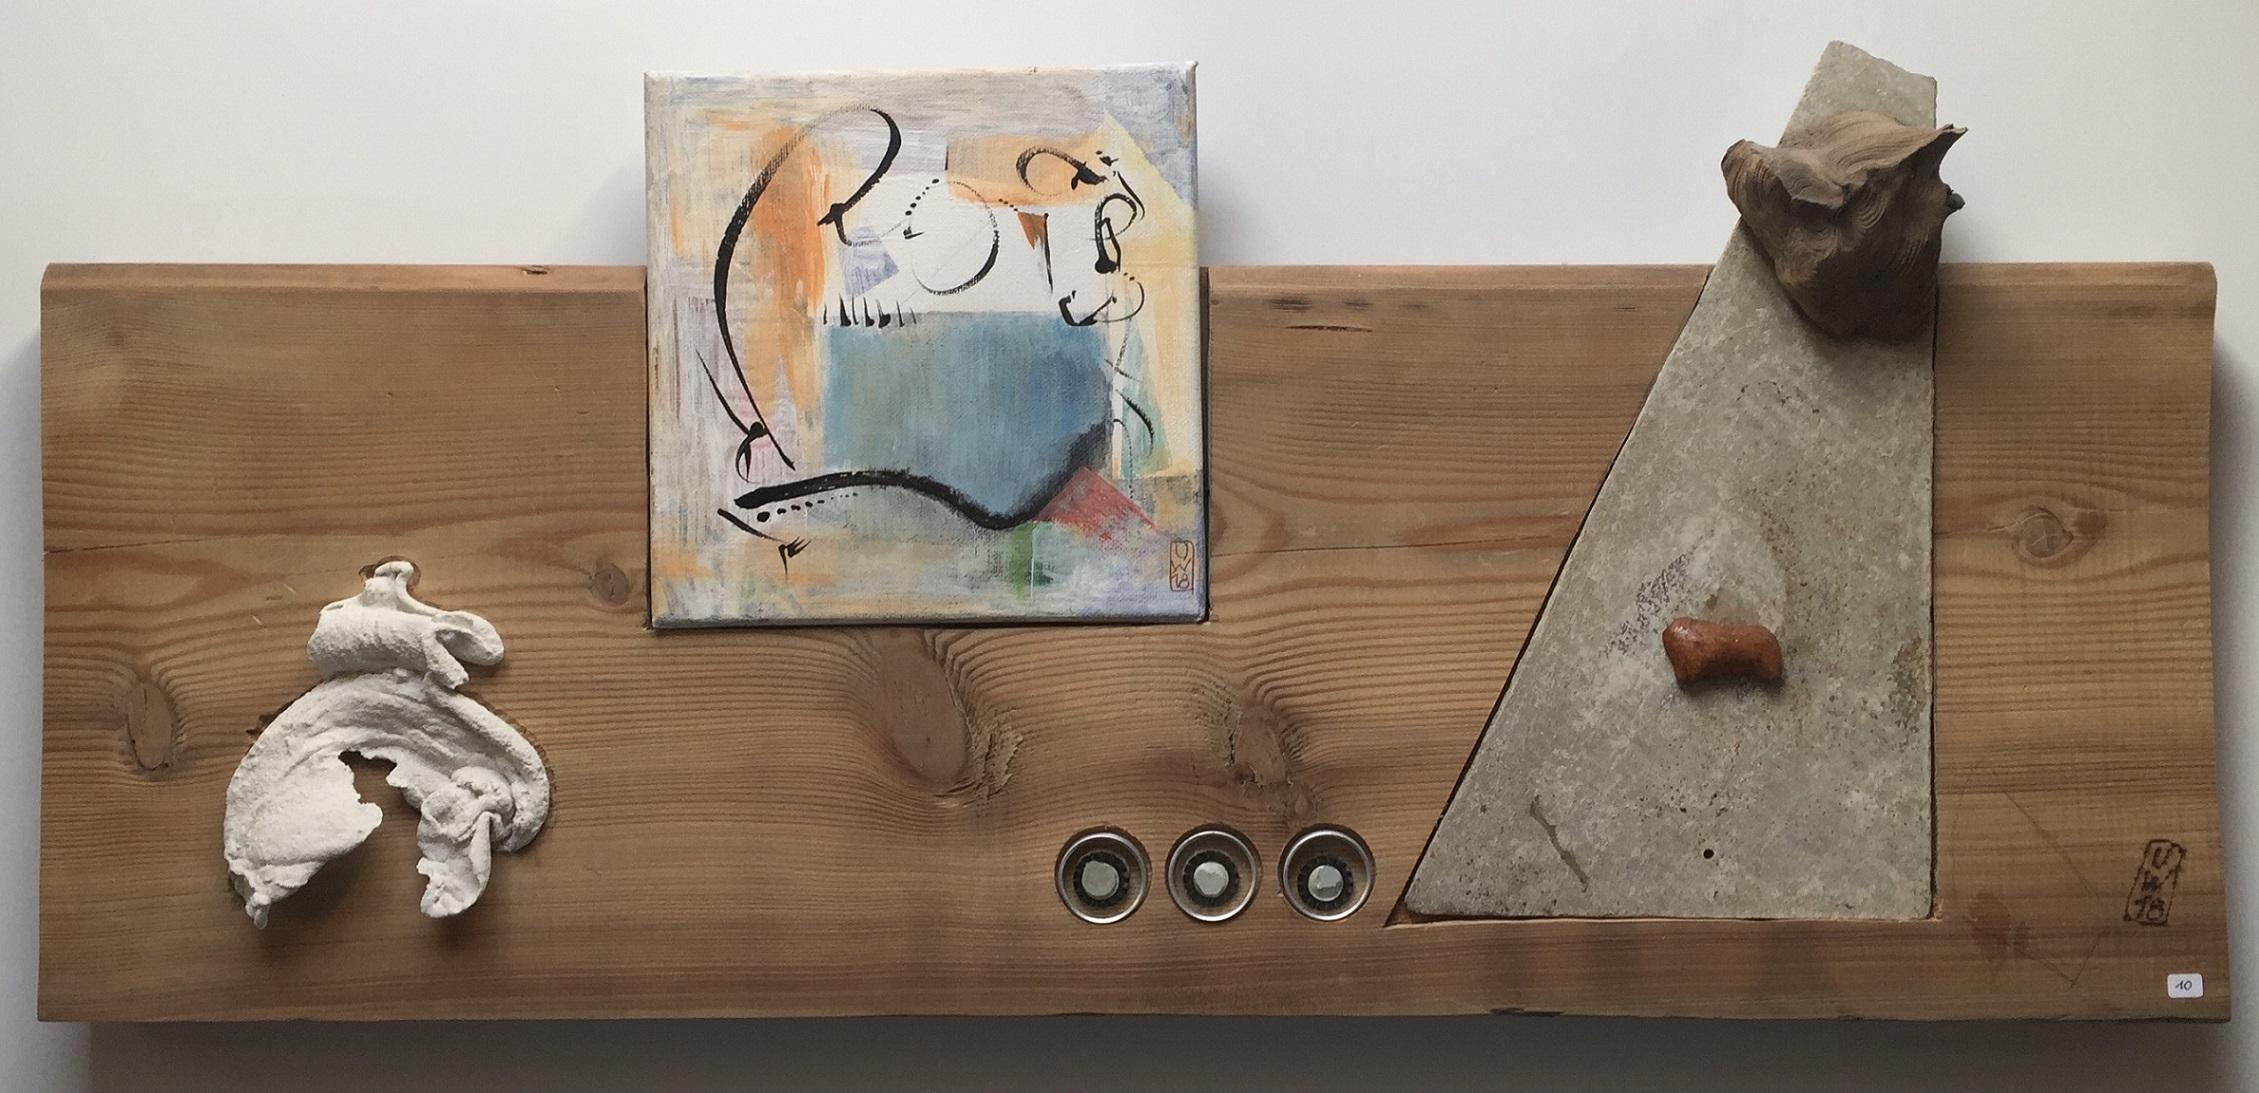 L'Angolo di Marta Lock (IE): La materia incontra l'espressione nelle opere solide di Ulrich Wallner